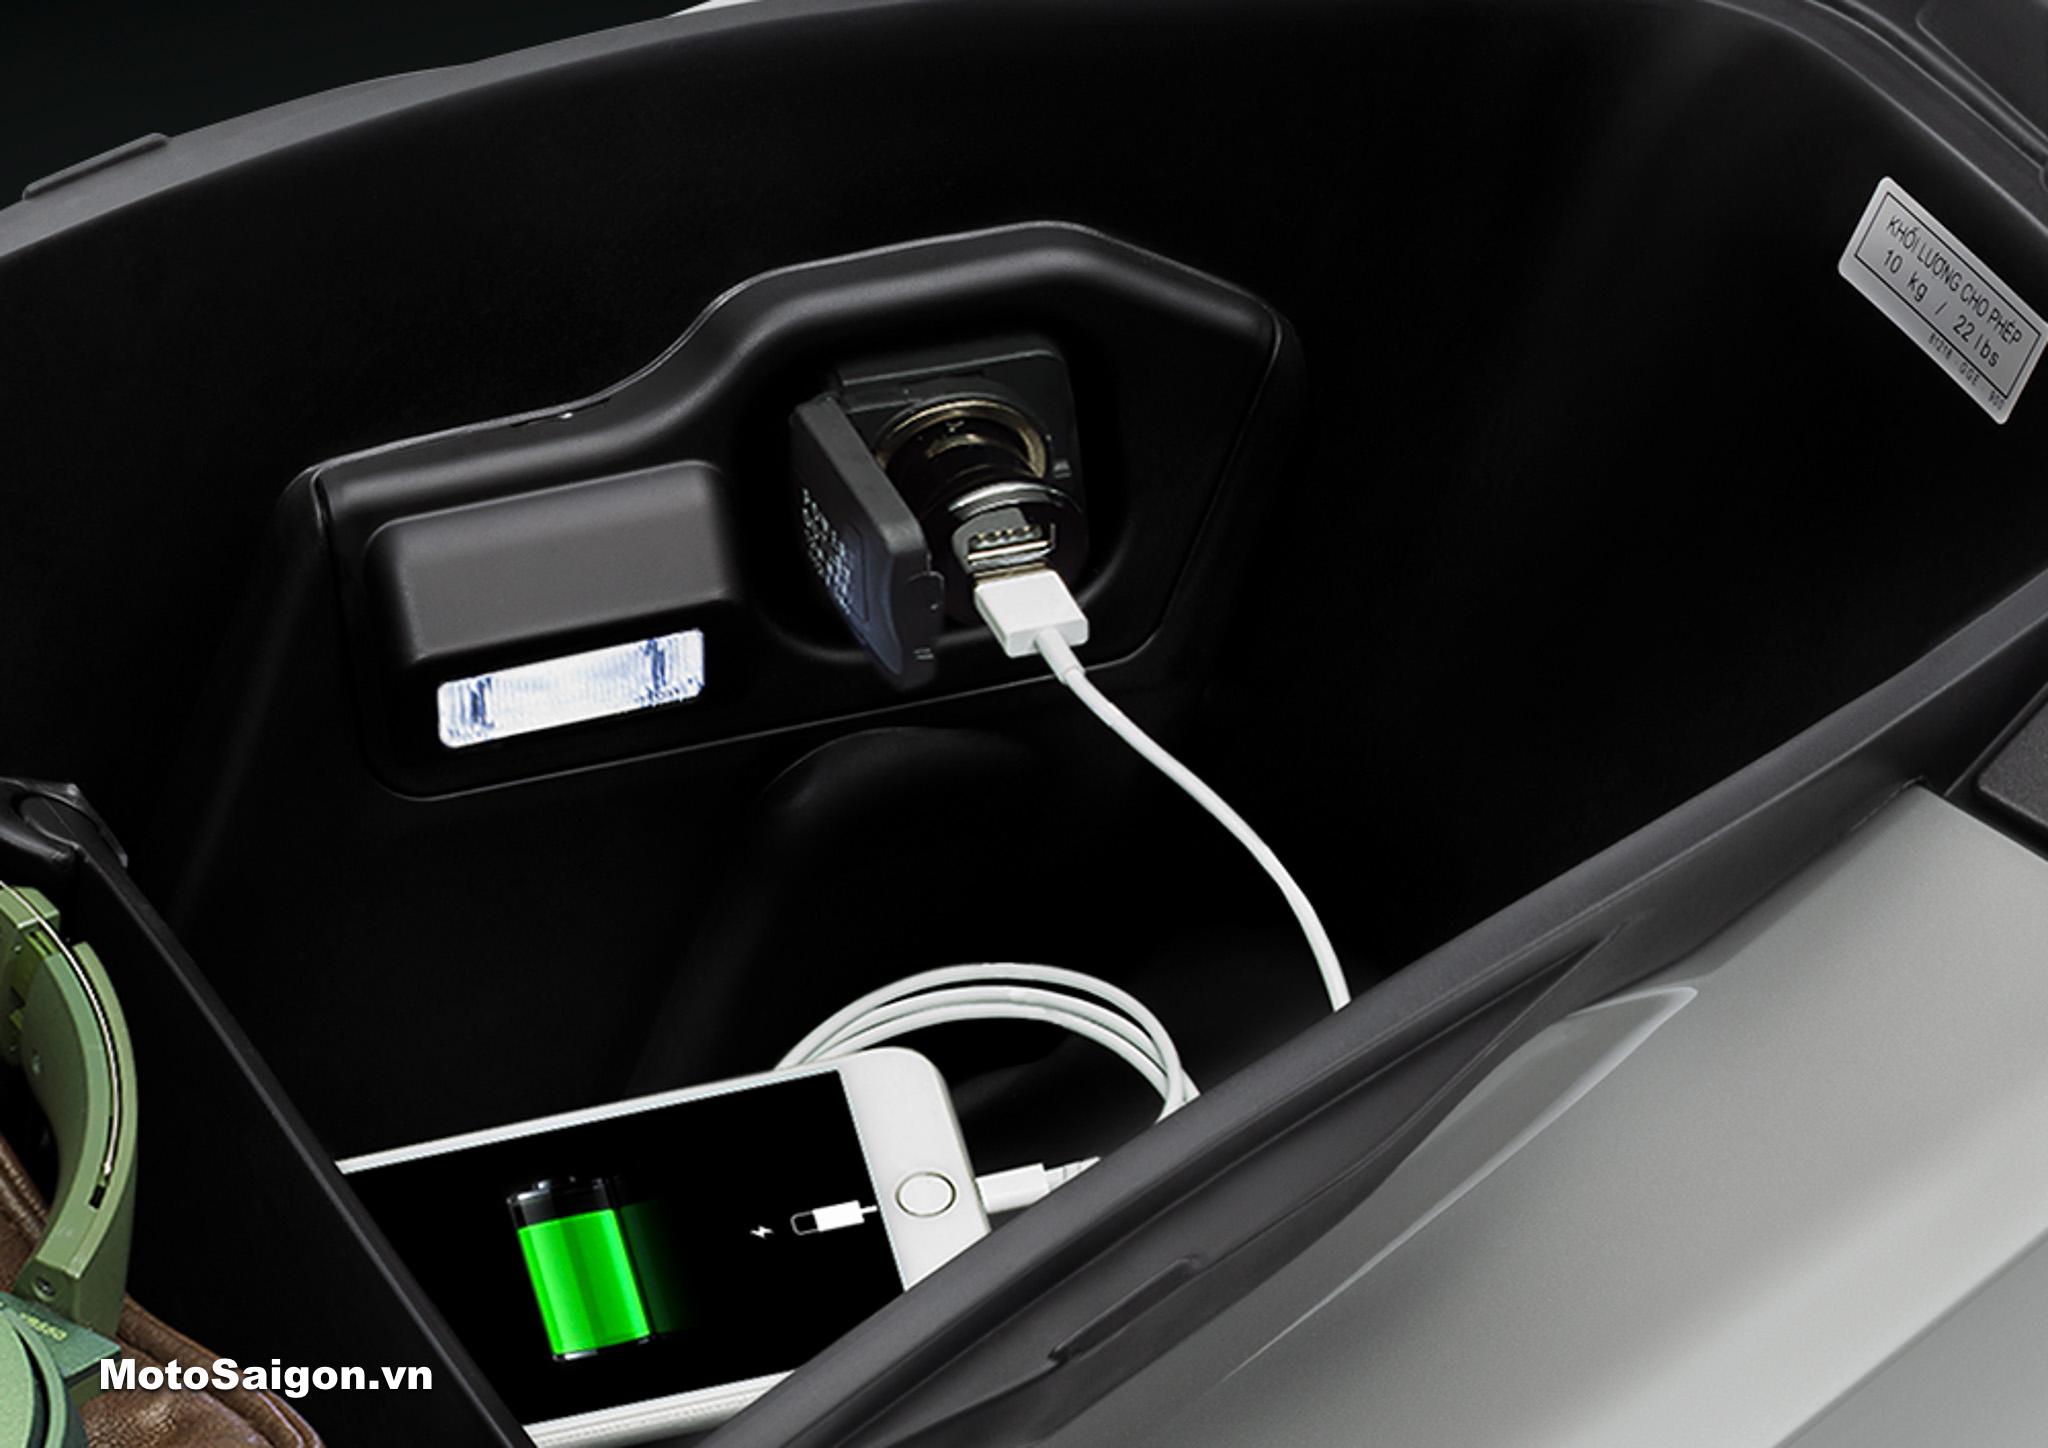 Cổng sạc USB tiện lợi - Honda Airblade 150 125 - AB150 - AB125